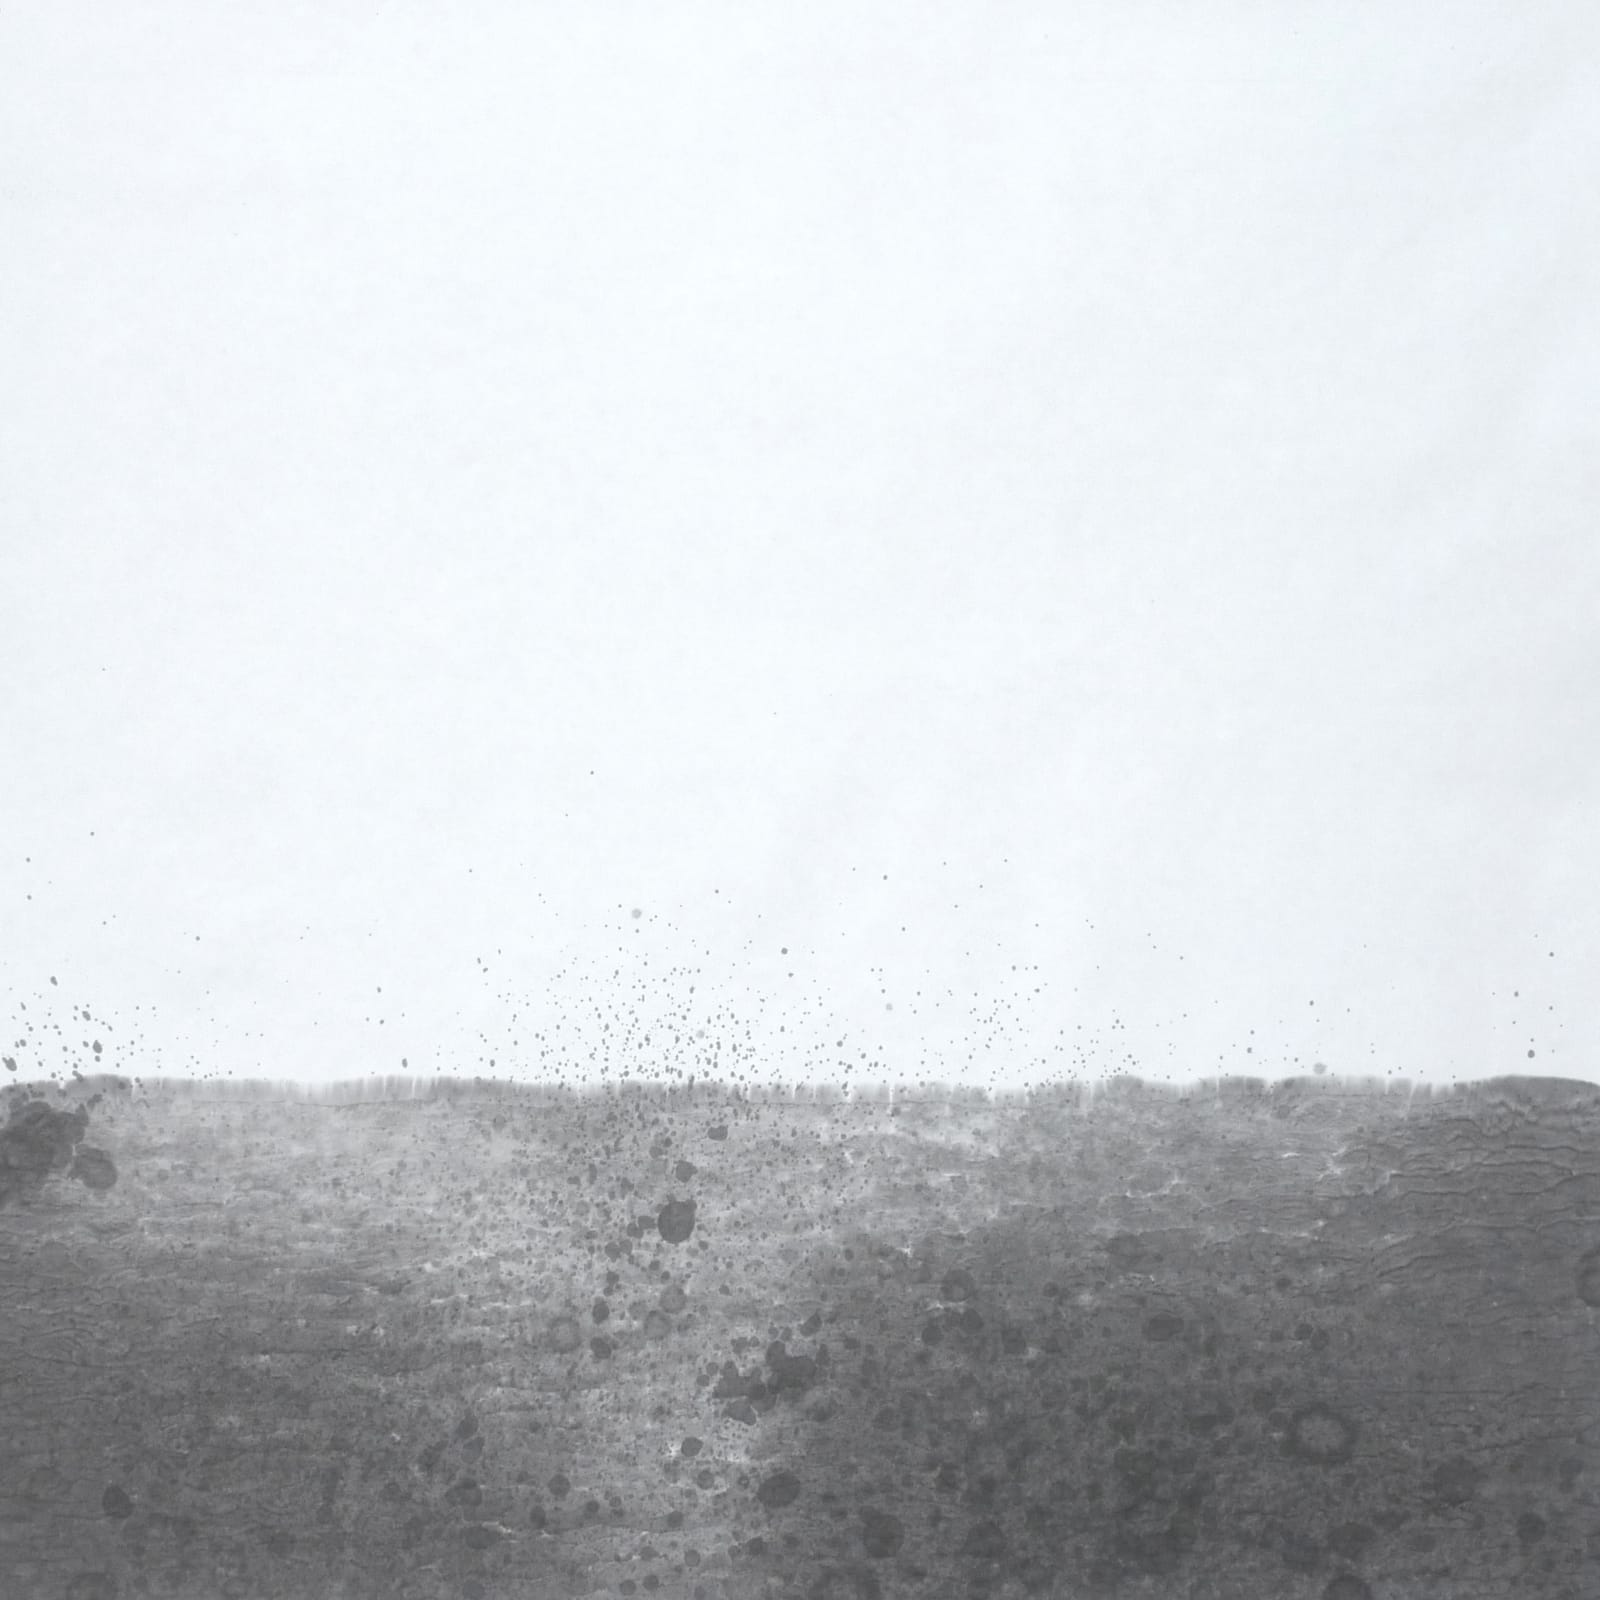 Li Hao 李皓, Ruoshui 弱水 No.18, 2014